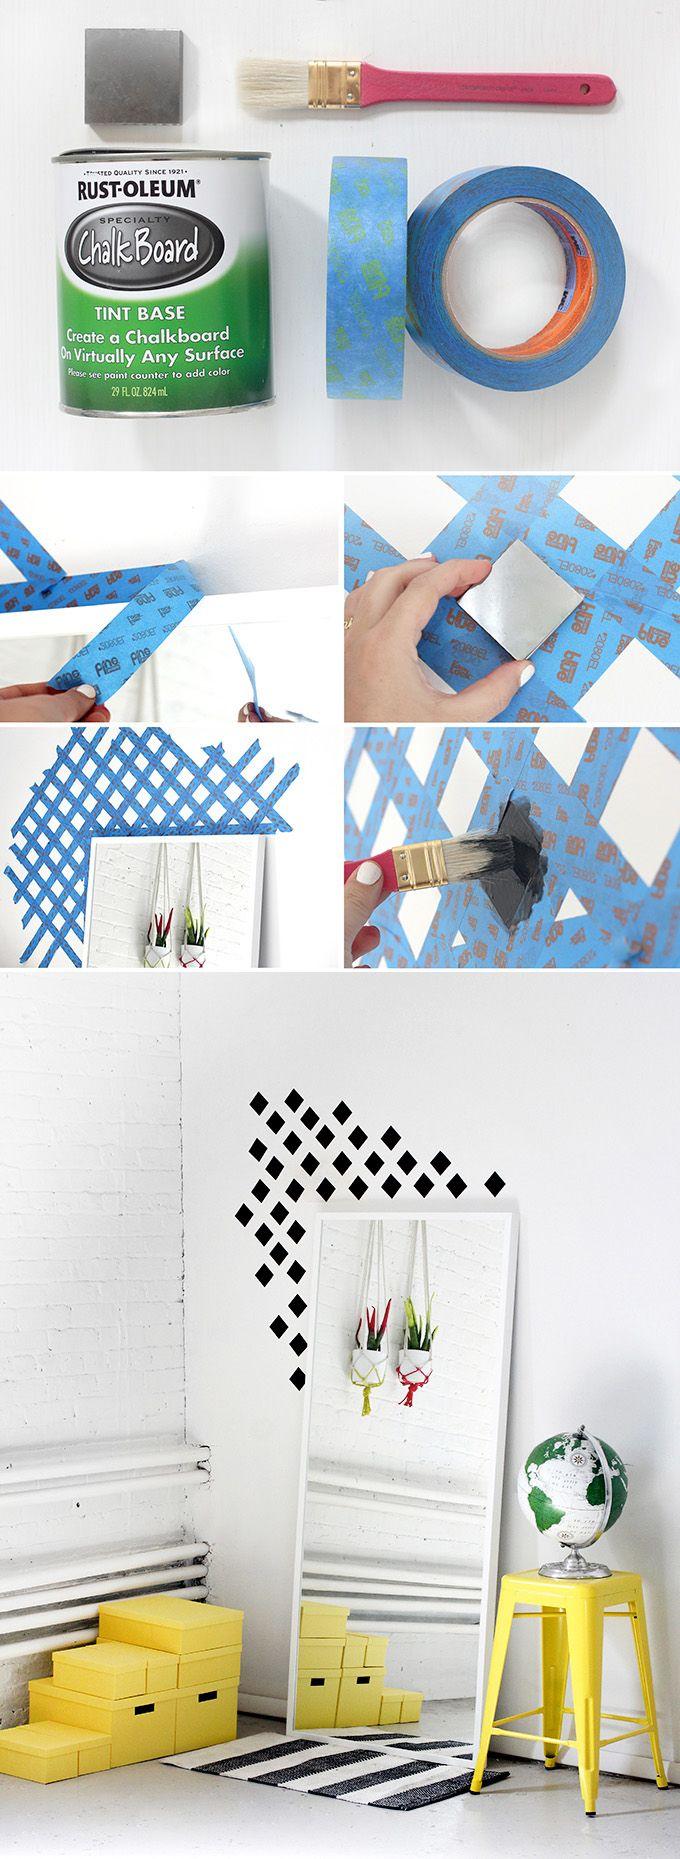 Uma parede com losangos para dar um charme, pode ser emoldurando um espelho, uma janela ou porta. Nesse caso foi usado tinta para quadro-negro, mas você pode usar tinta acrílica ou fosca, e várias cores também.